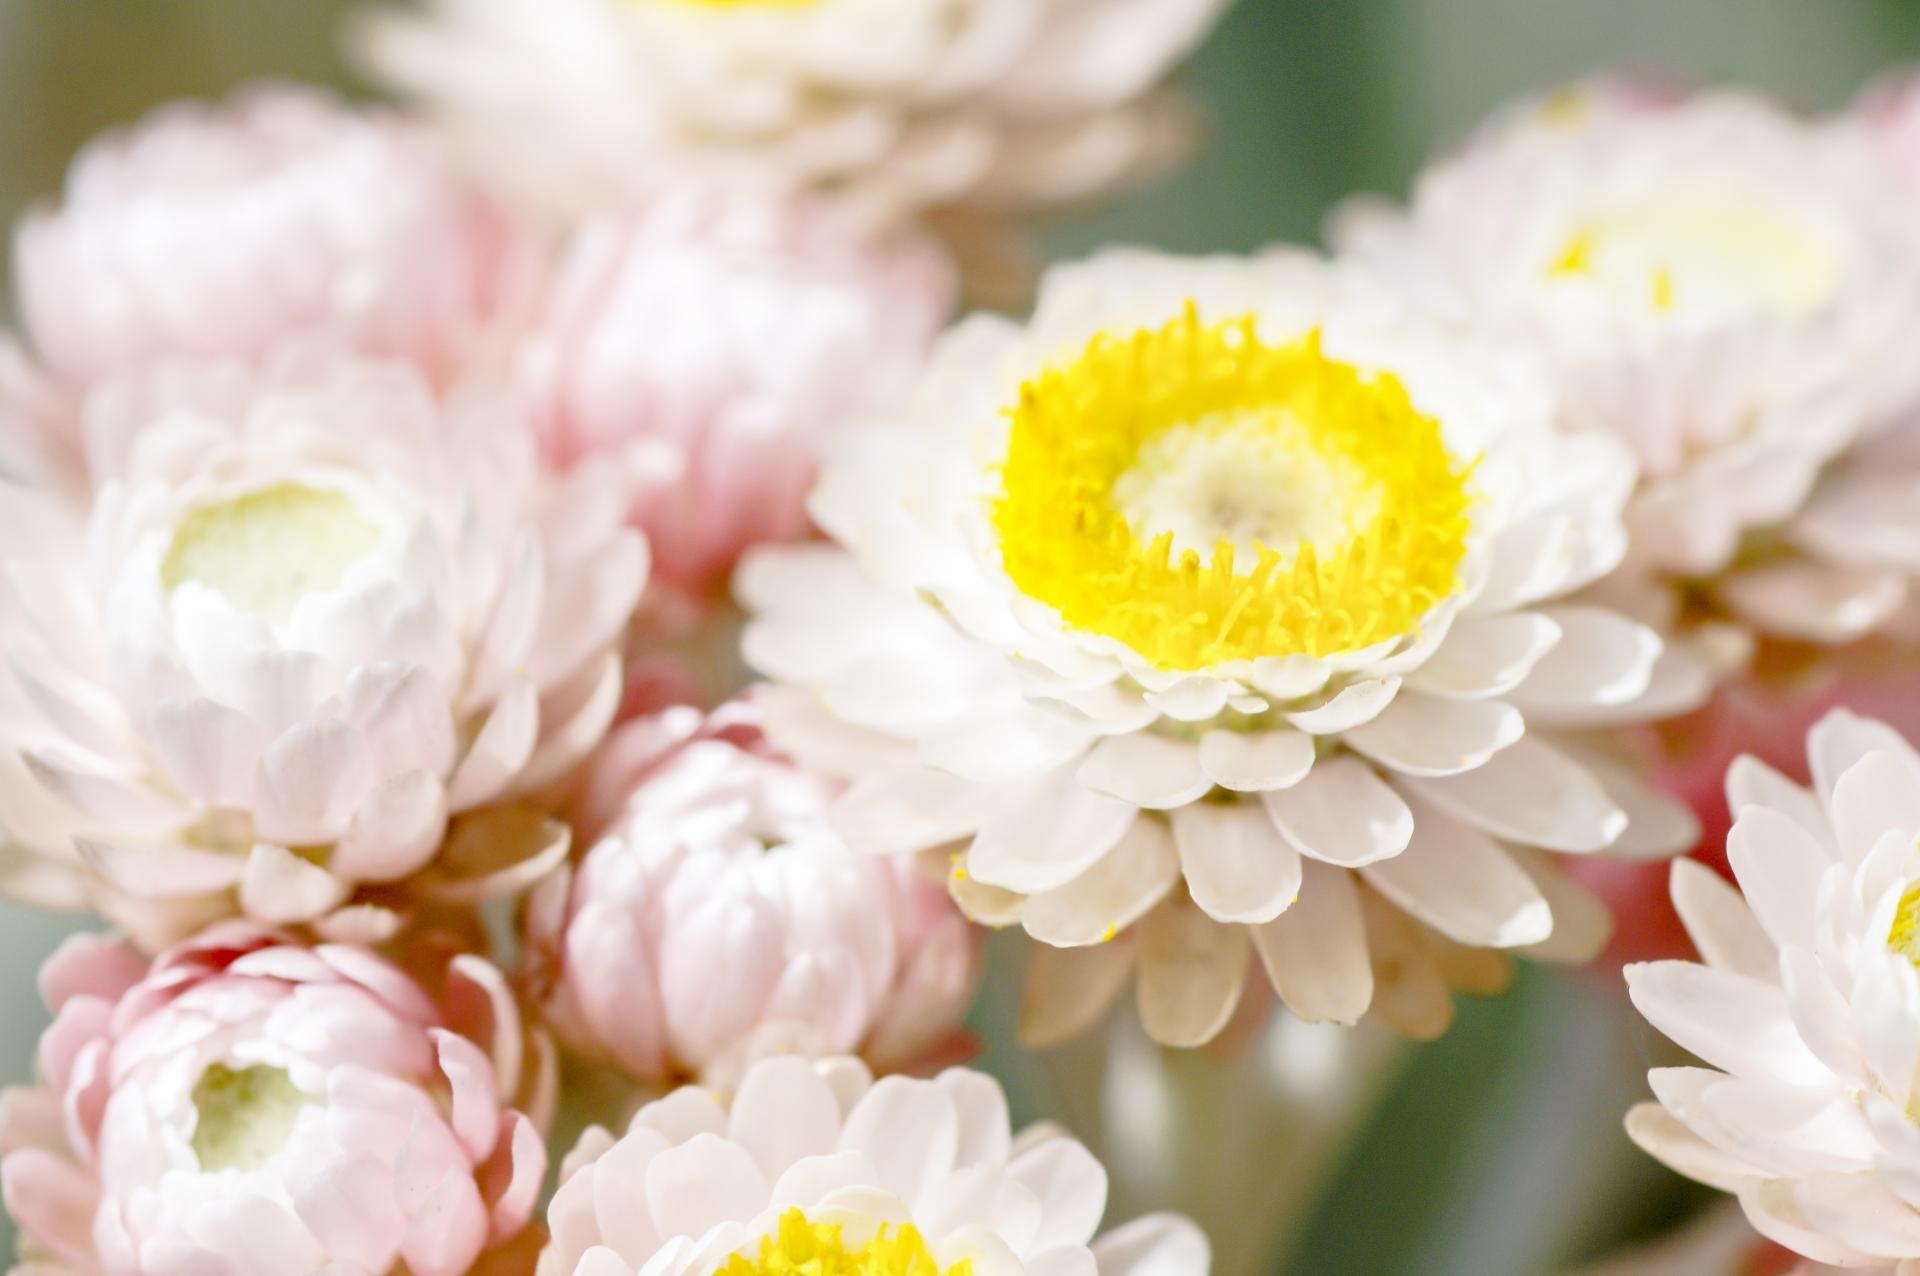 ガーデン用品屋さんの花図鑑 ムギワラギク